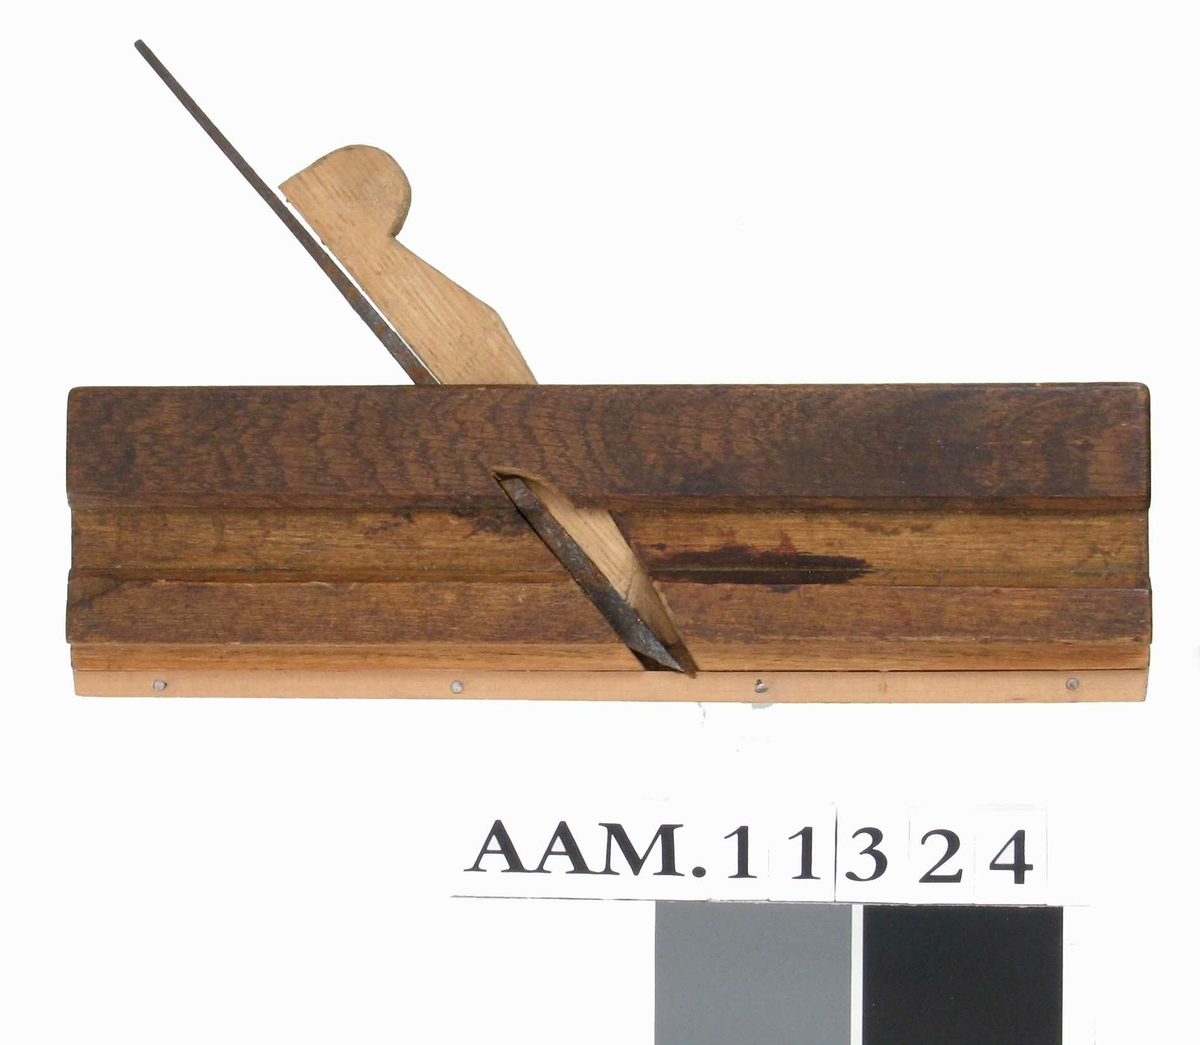 Smal høvel med tretrinns såle. Ytterst er en smal list av ubehandlet tre som er stiftet på med fire stifter (nytt). Øvre del av samme side har pålimt  et stykke mørk eik. Ny kile.